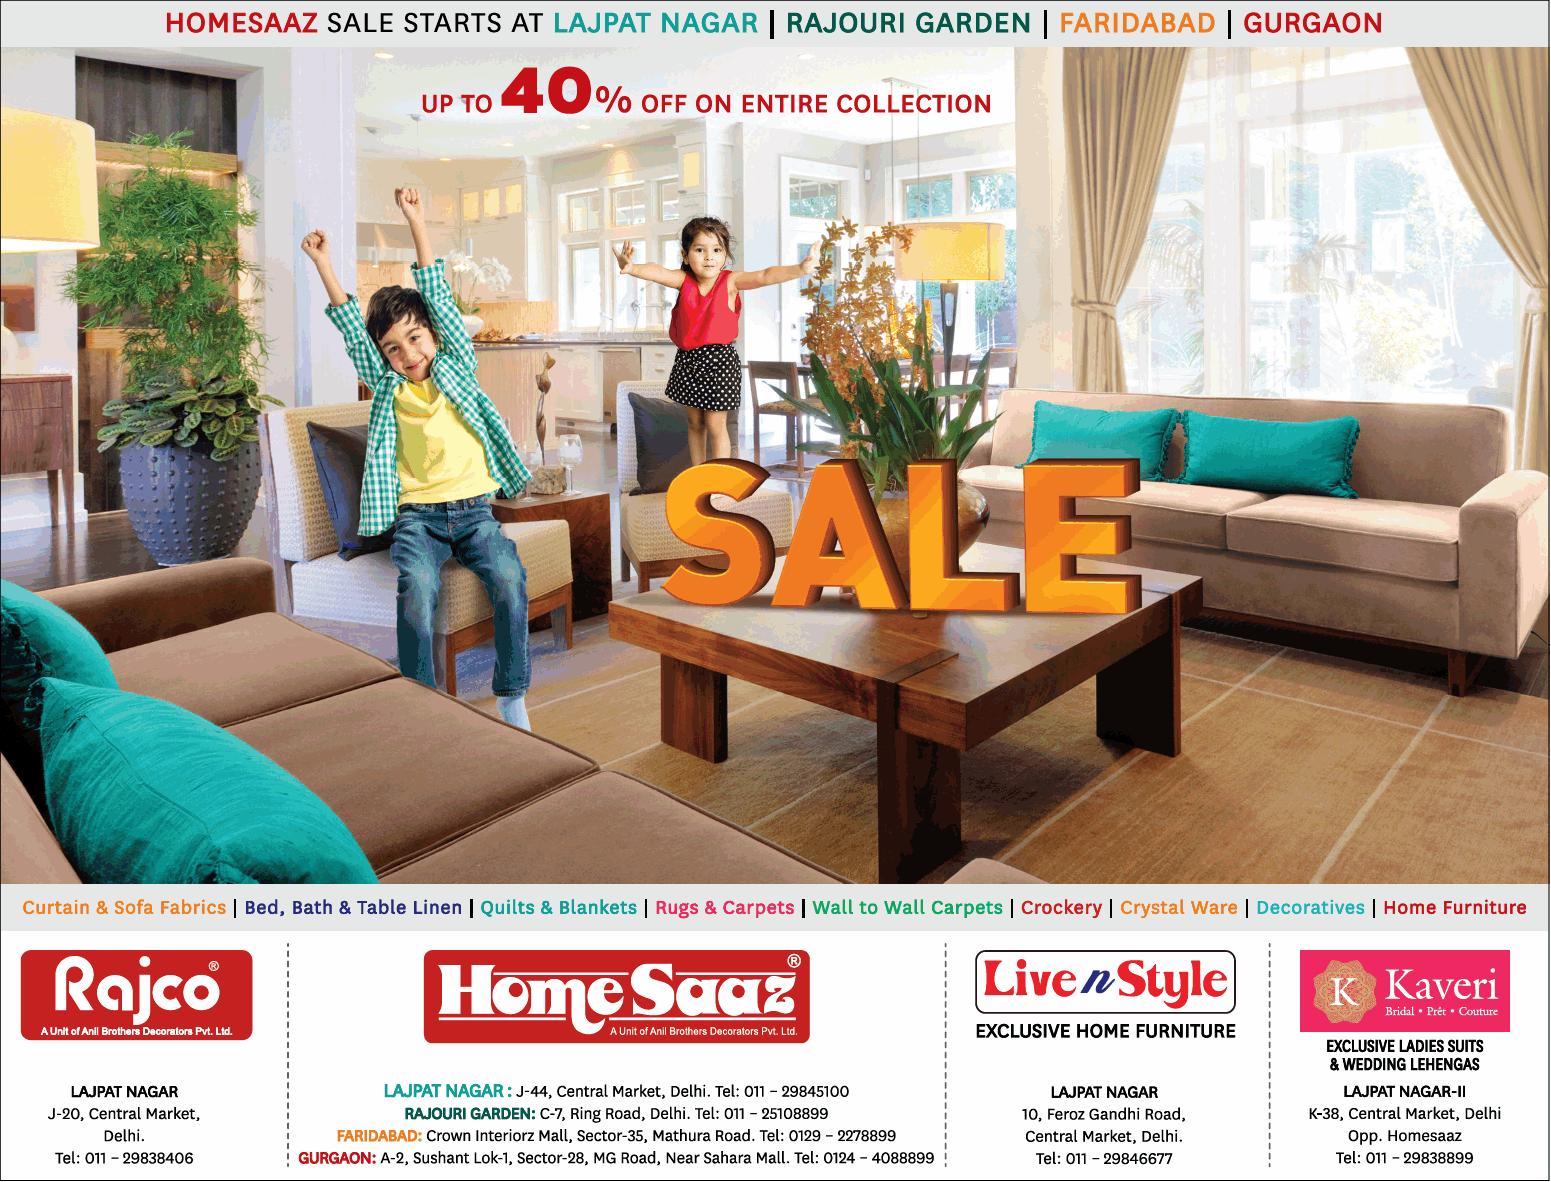 Homesaaz Sale Starts At Lajpat Nagar Ad